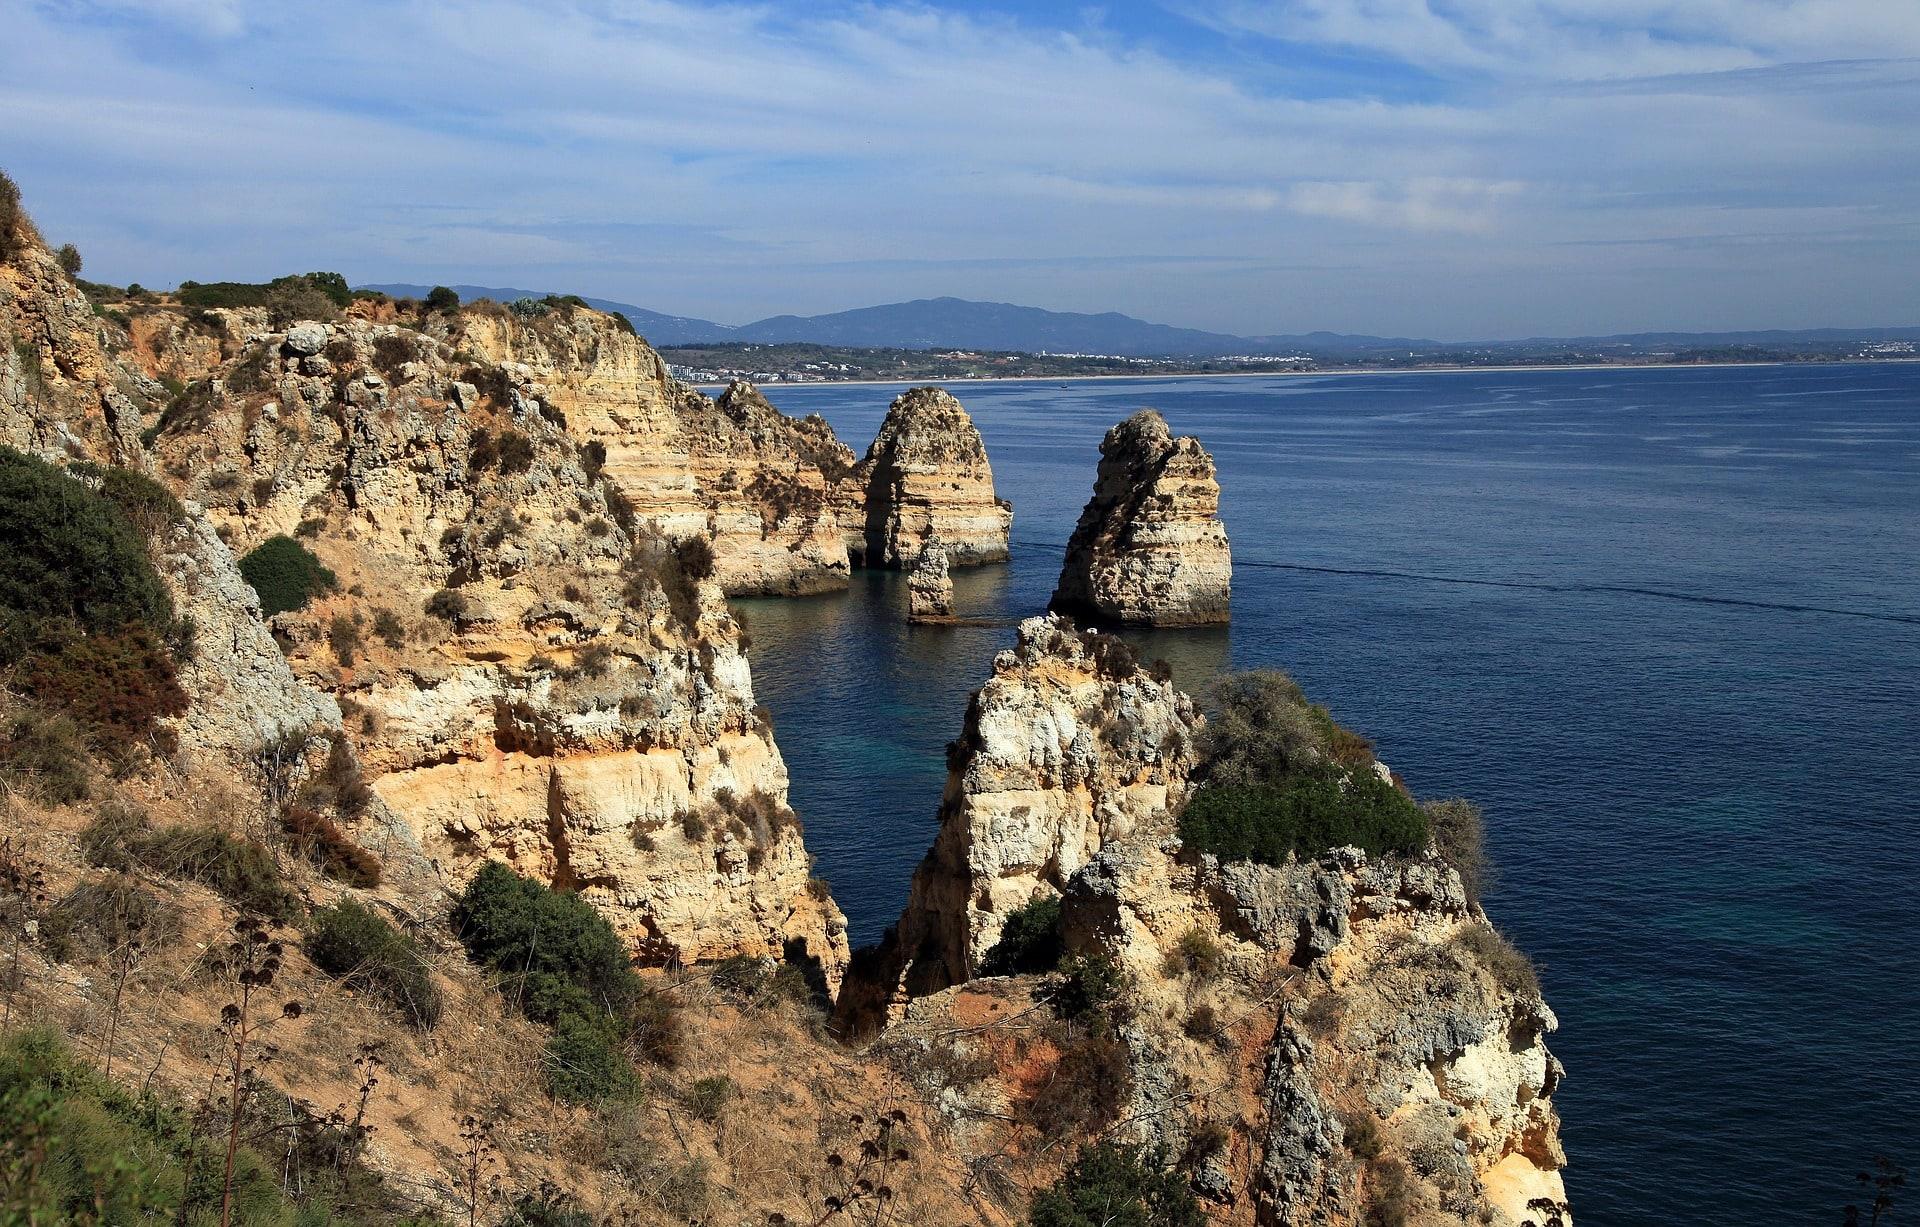 Uważaj podczas wizyty w Portugalii, odwiedzając klify.